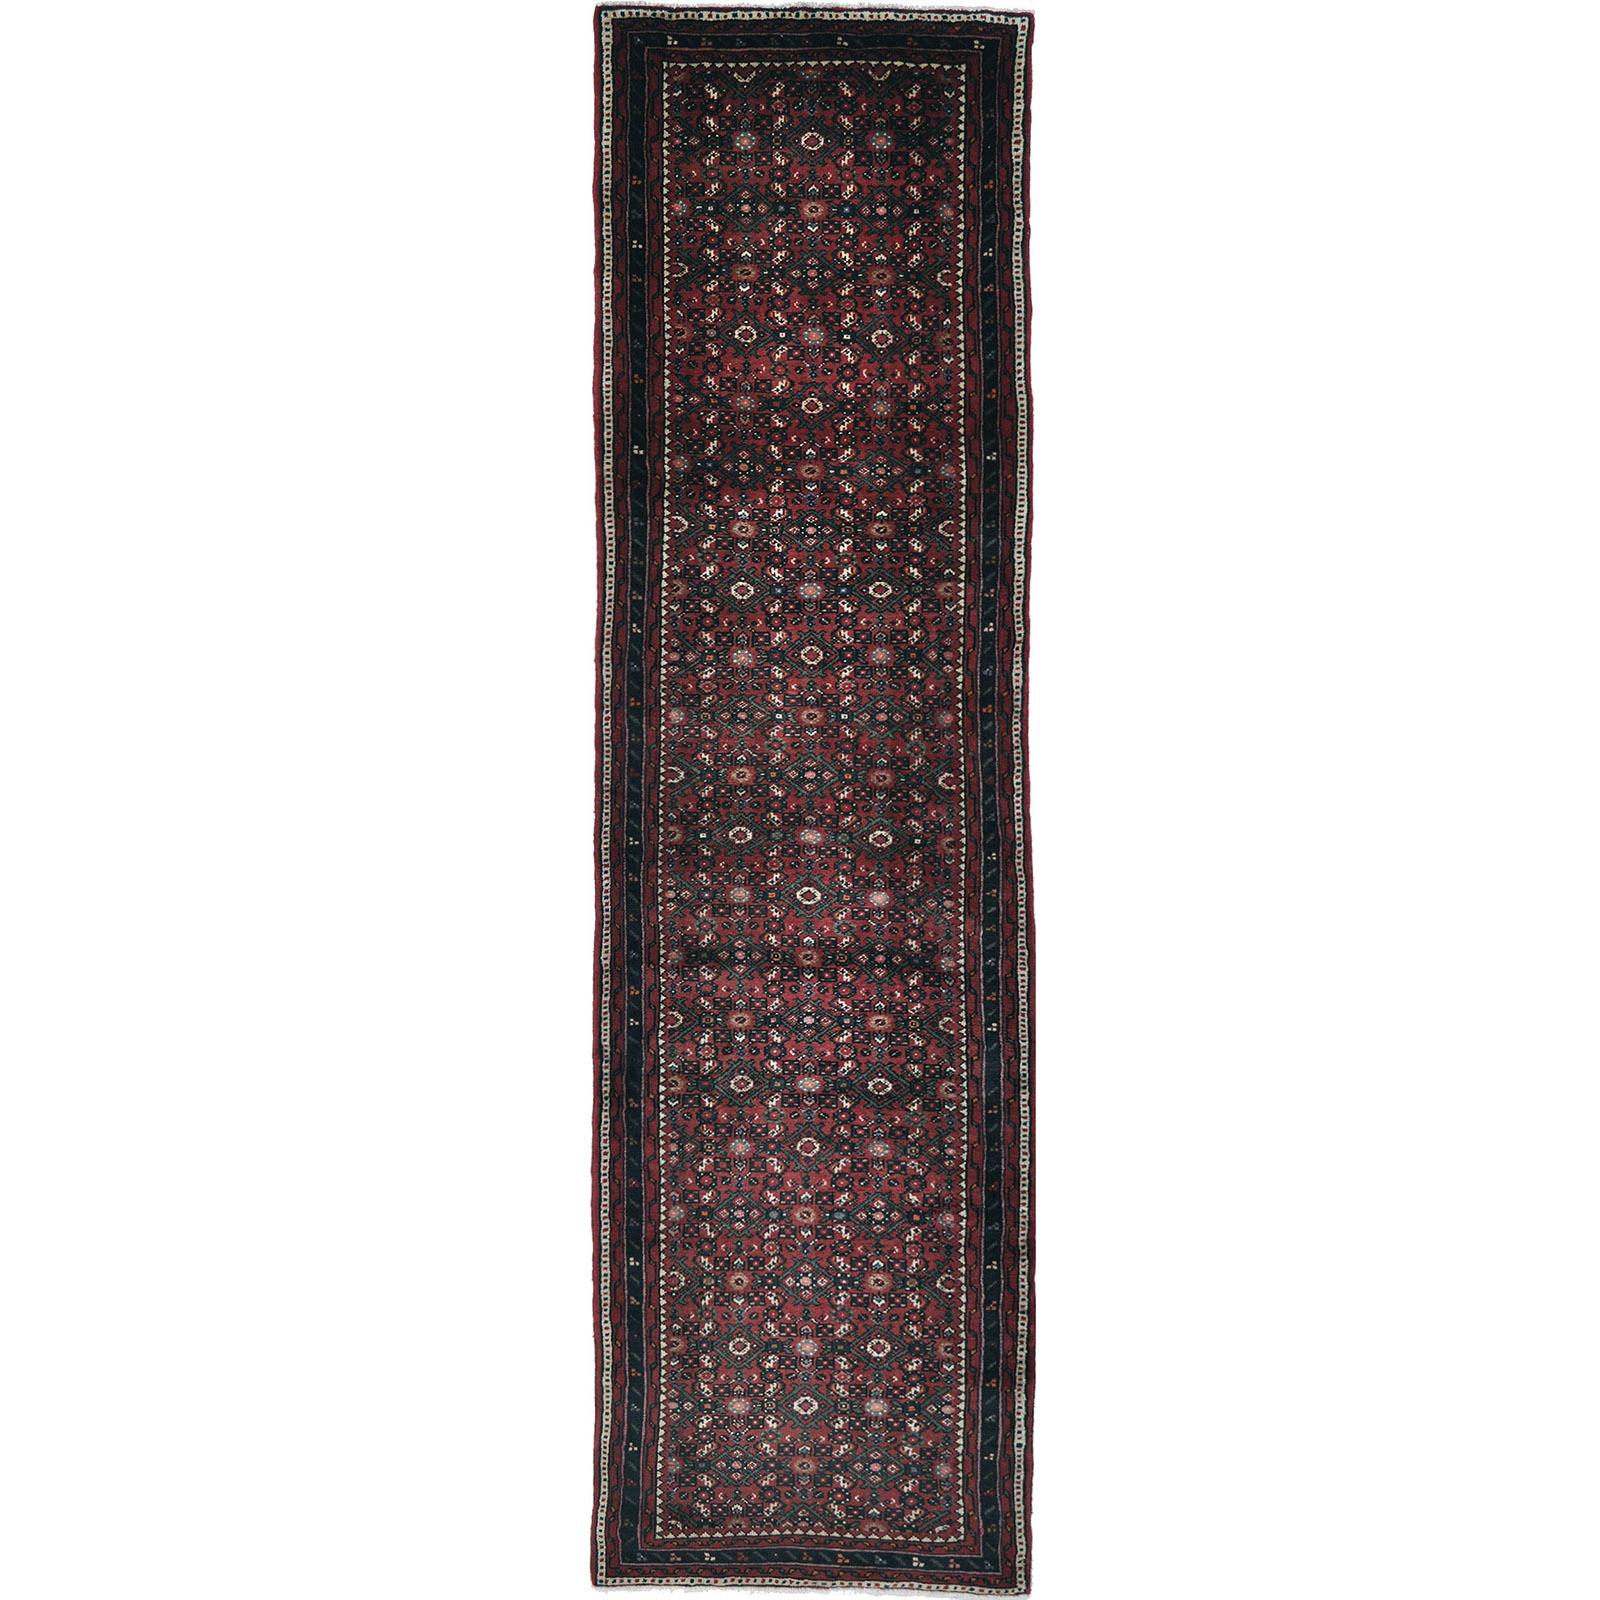 Hosseinabad matta storlek 303x81 cm